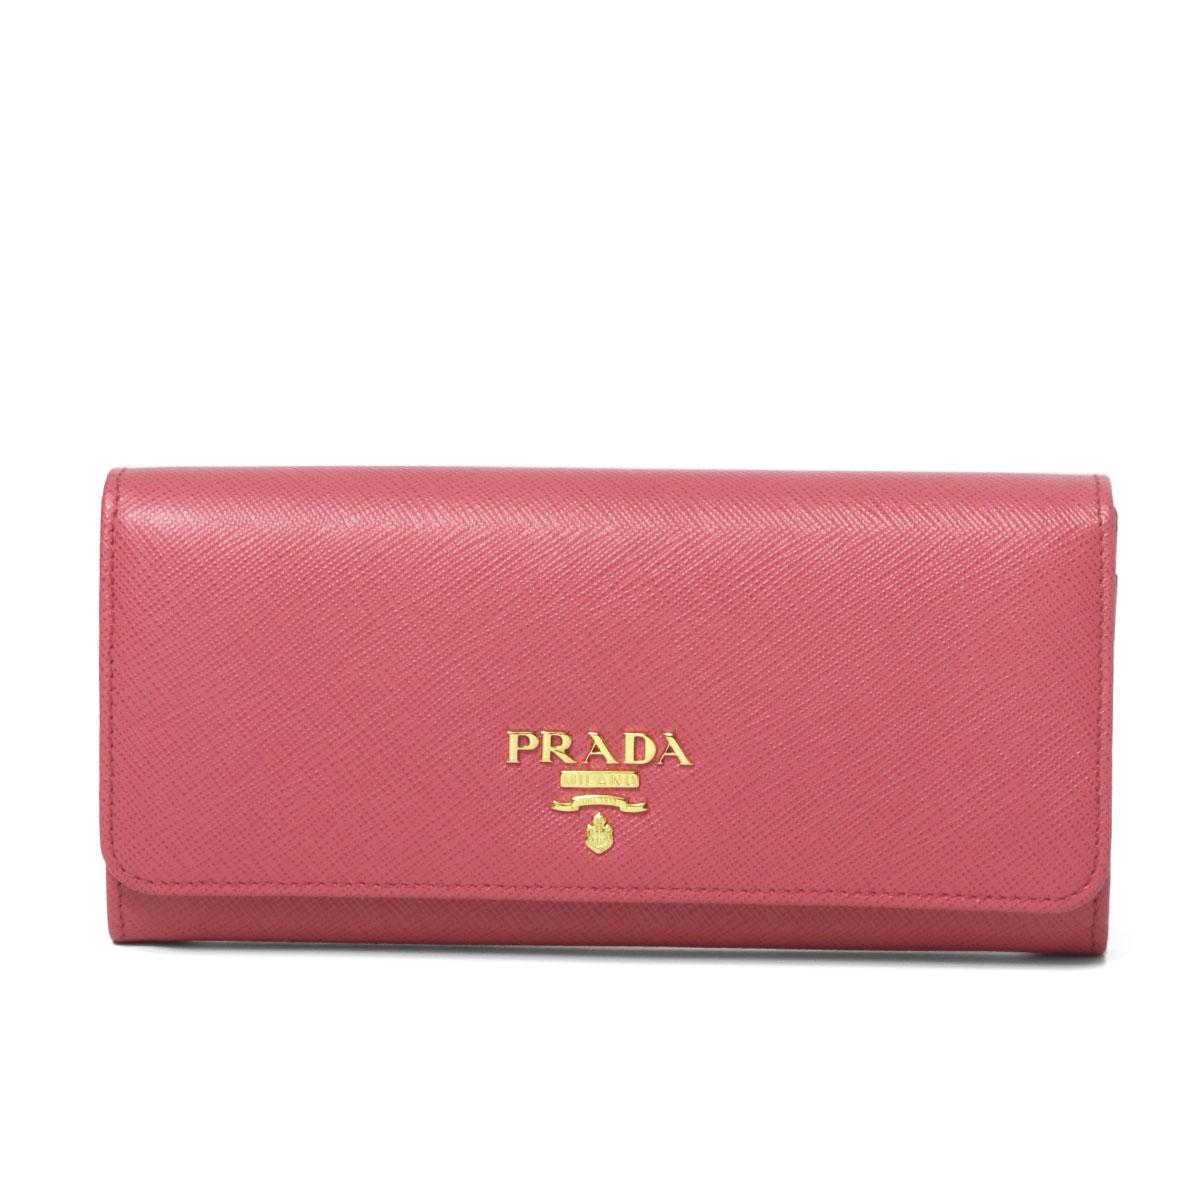 プラダ PRADA 財布 レディース 1MH132 QWA F0505 二つ折り長財布 SAFFIANO METAL PEONIA ピンク